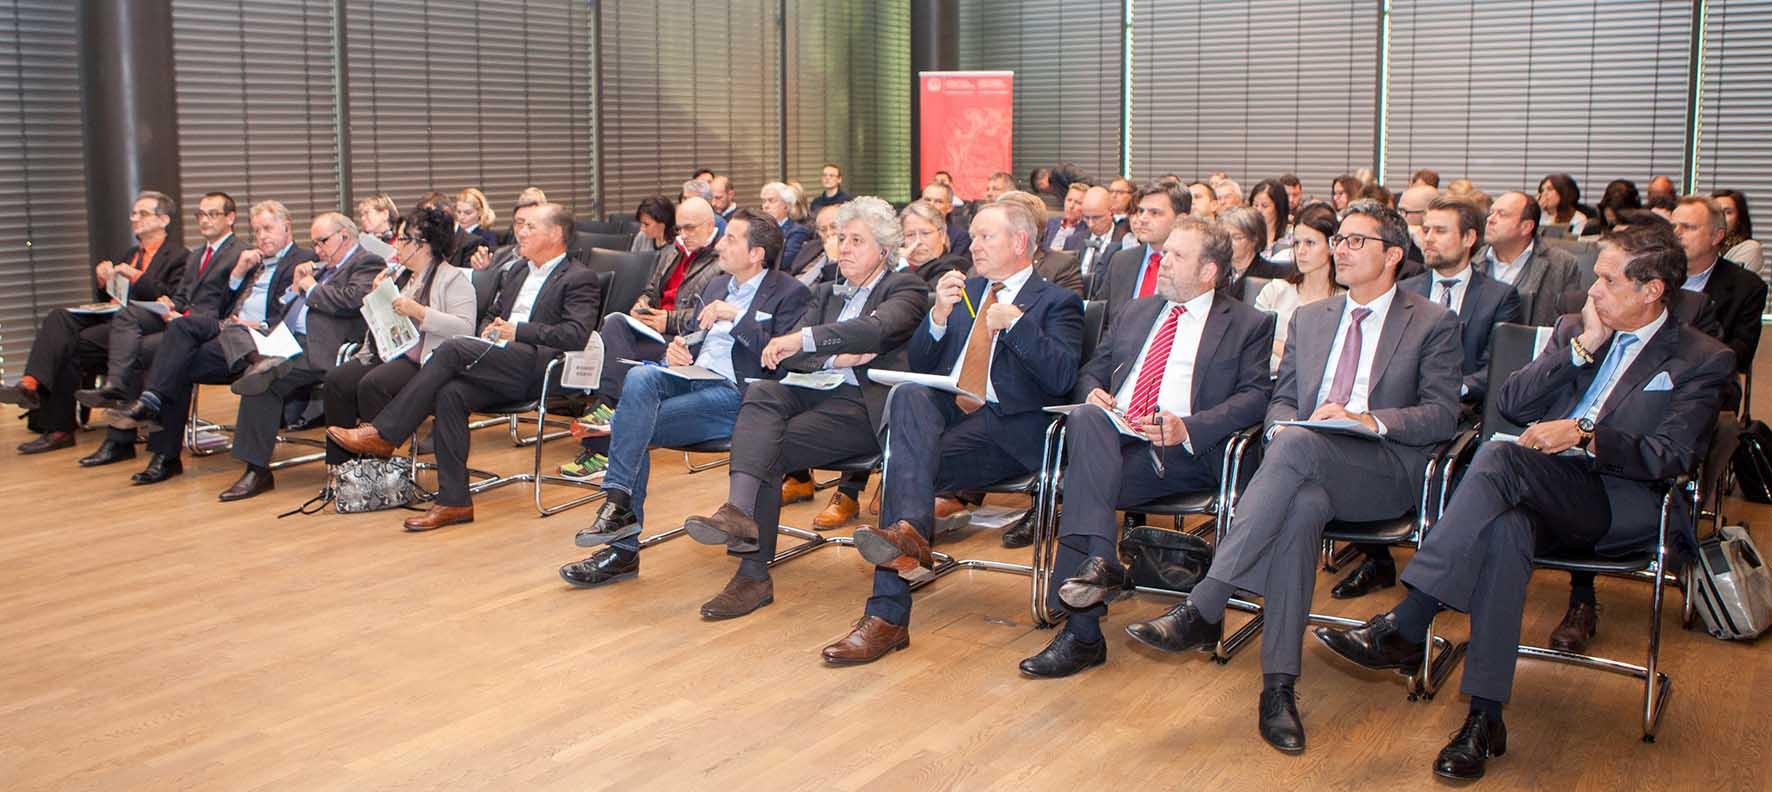 convegno turismo euregio bz Pubblico c Elisa Ferrari